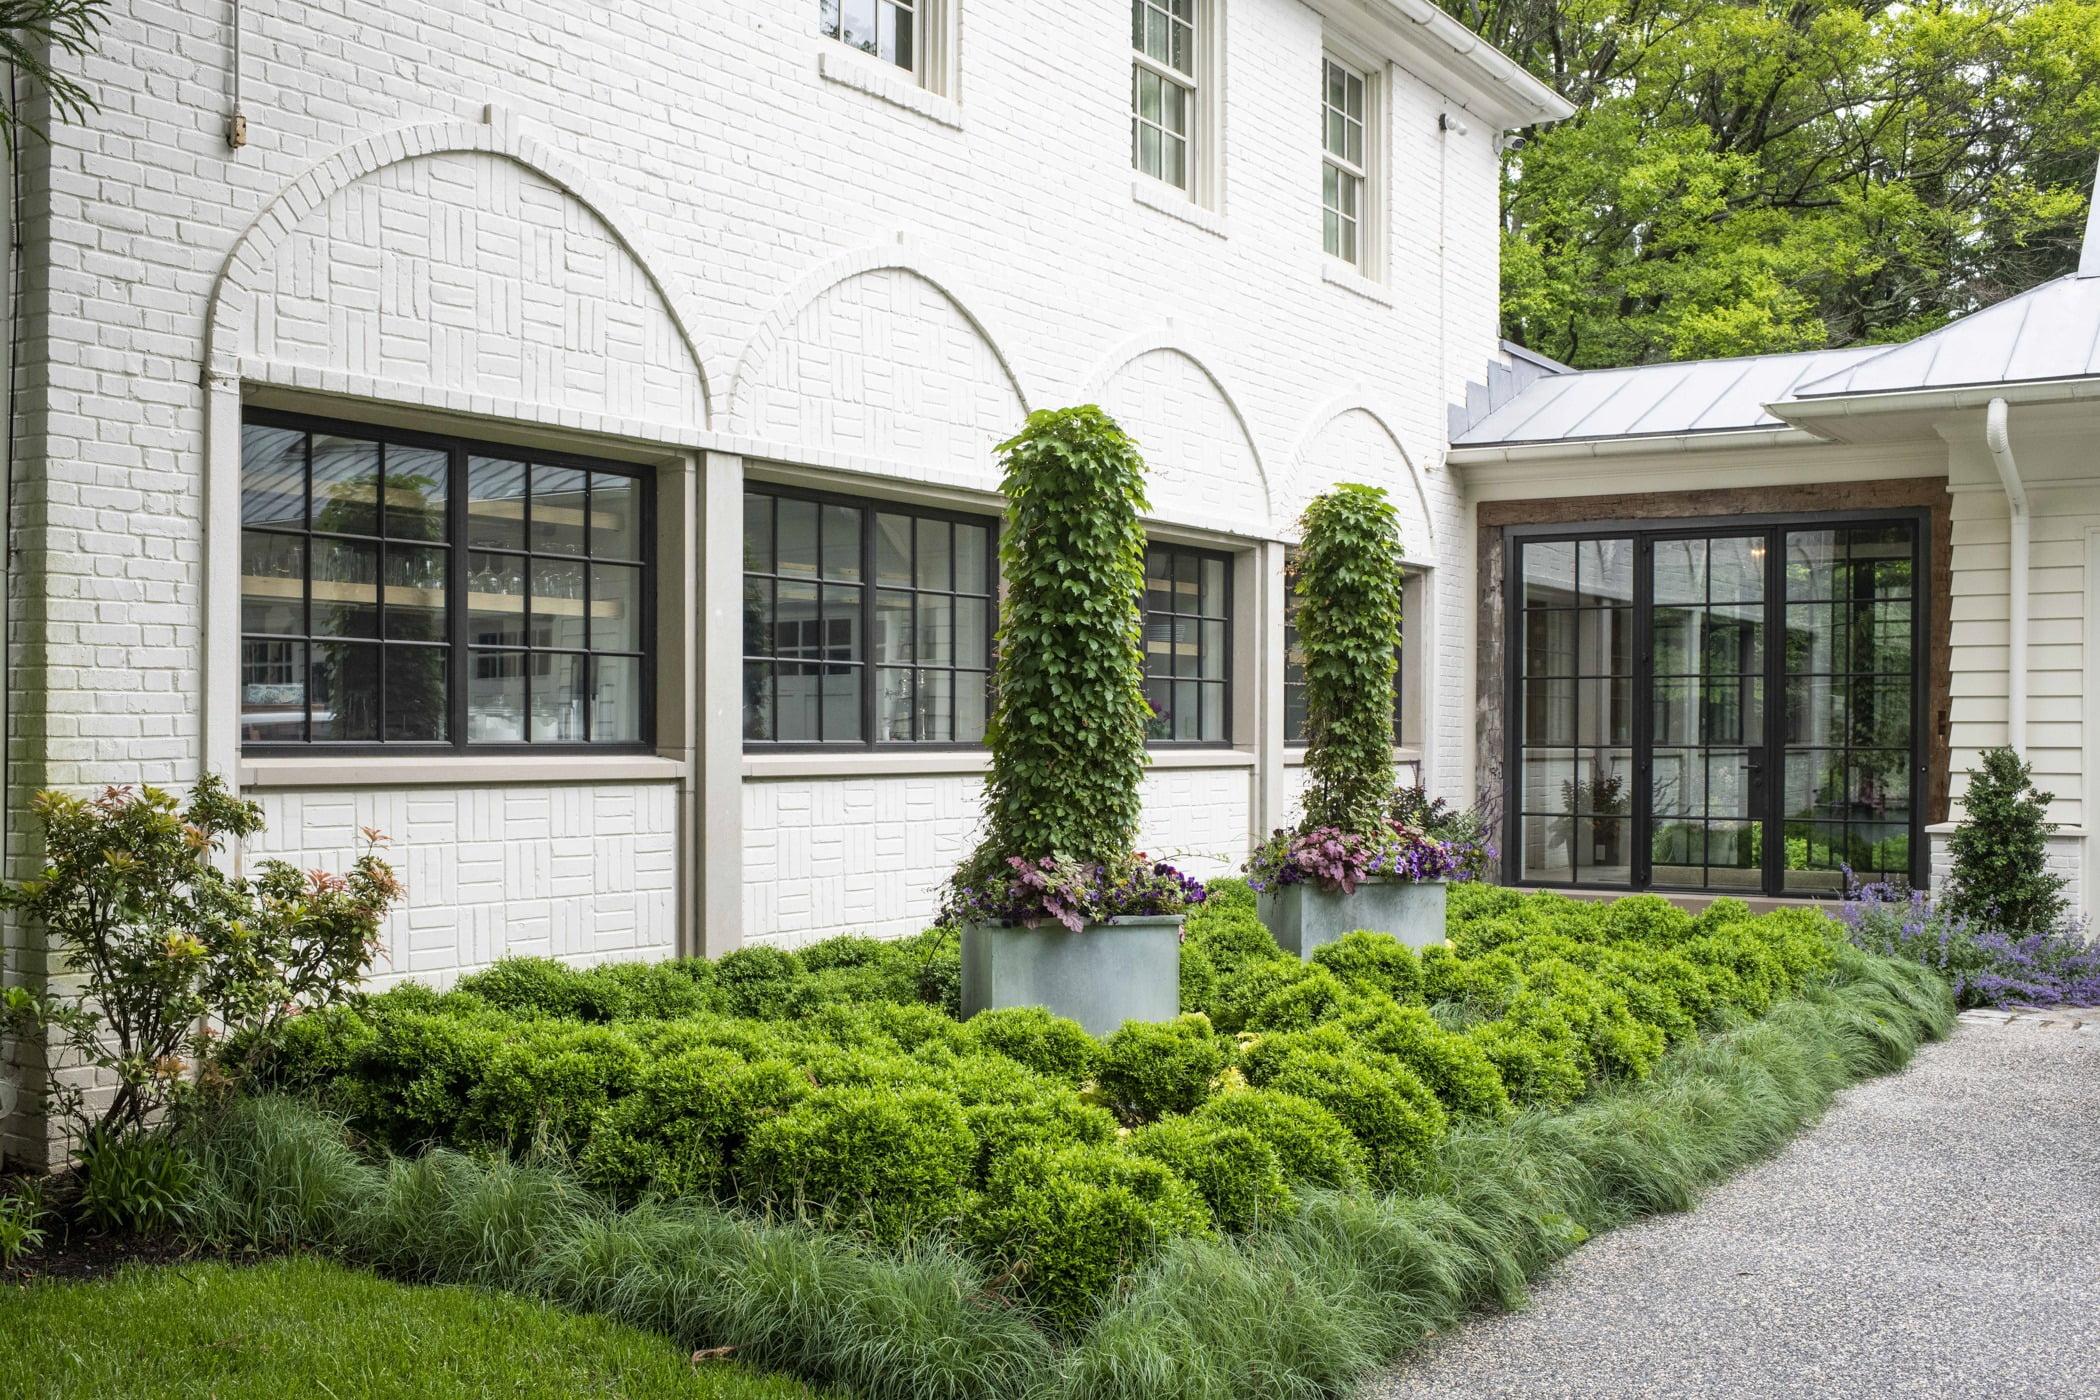 Backyard shrubbery and bush garden